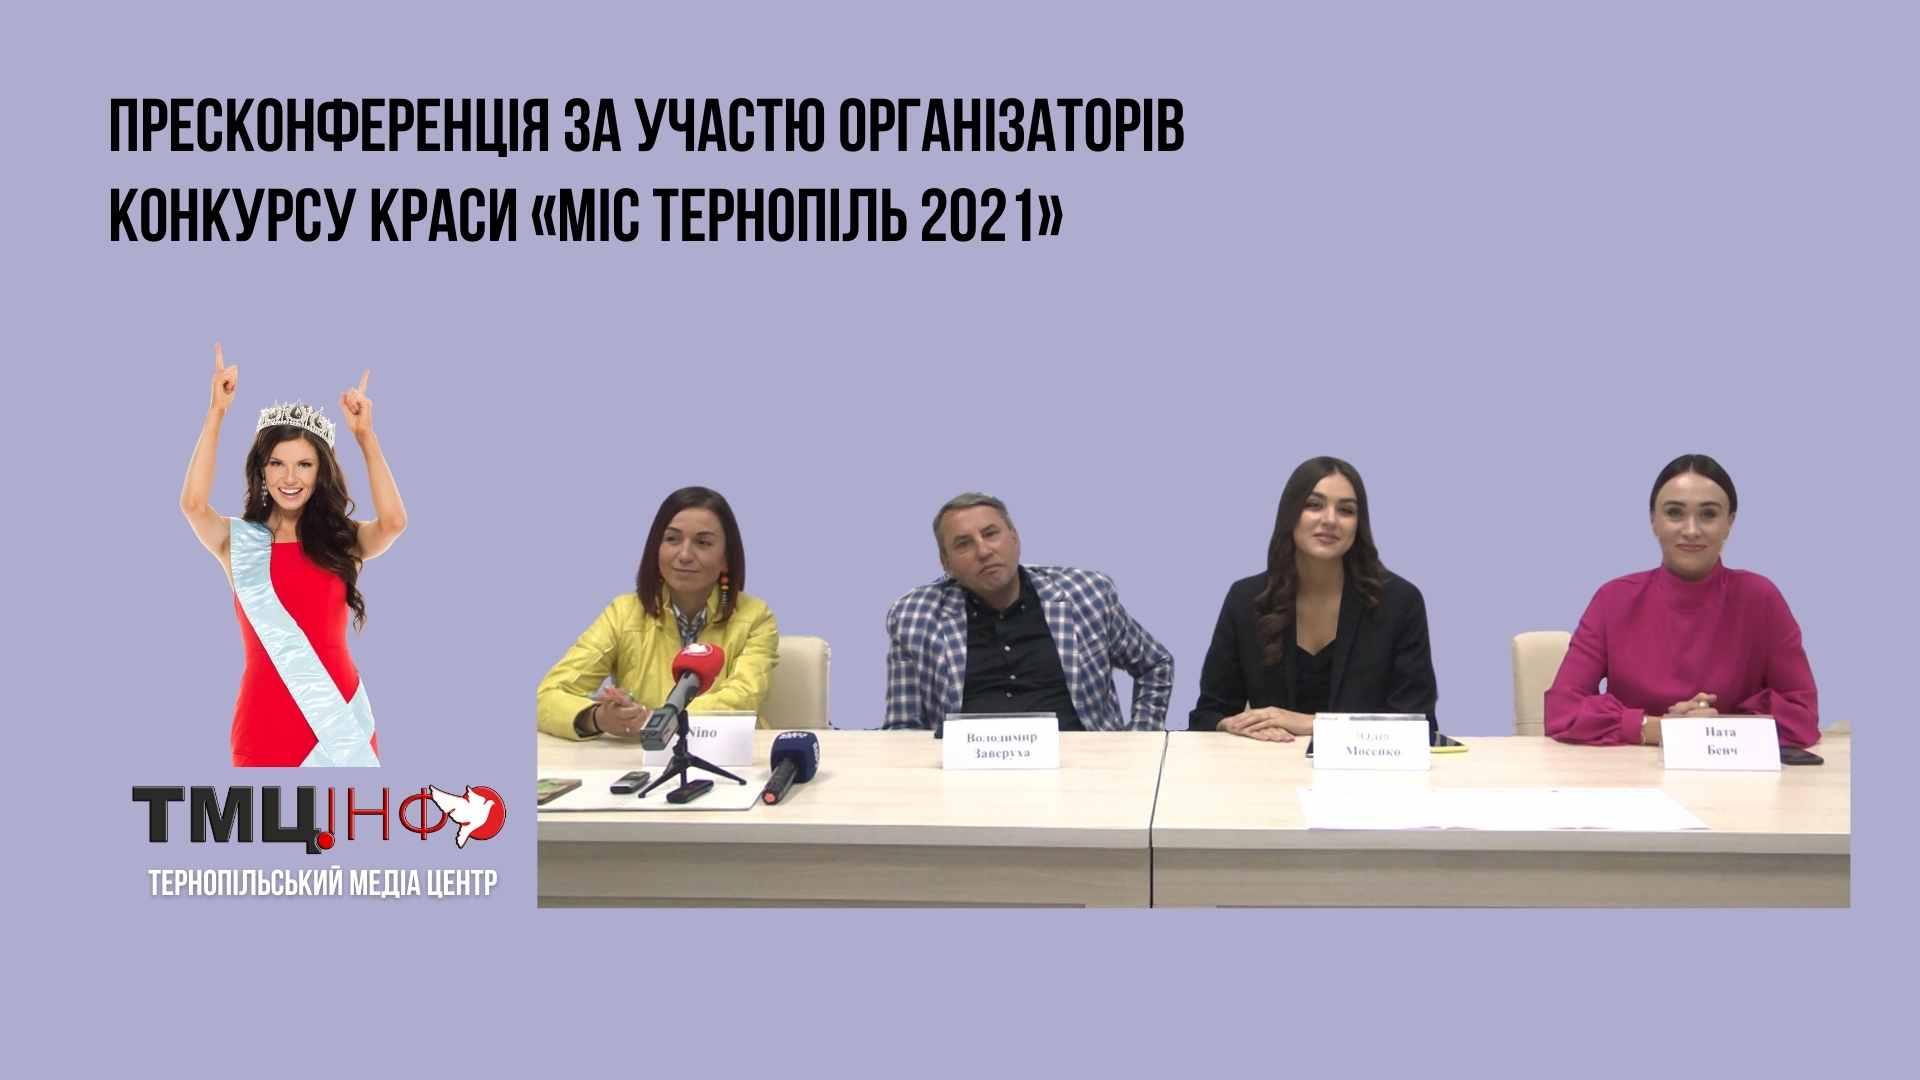 Пресконференція за участю організаторів конкурсу краси «Міс Тернопіль 2021»